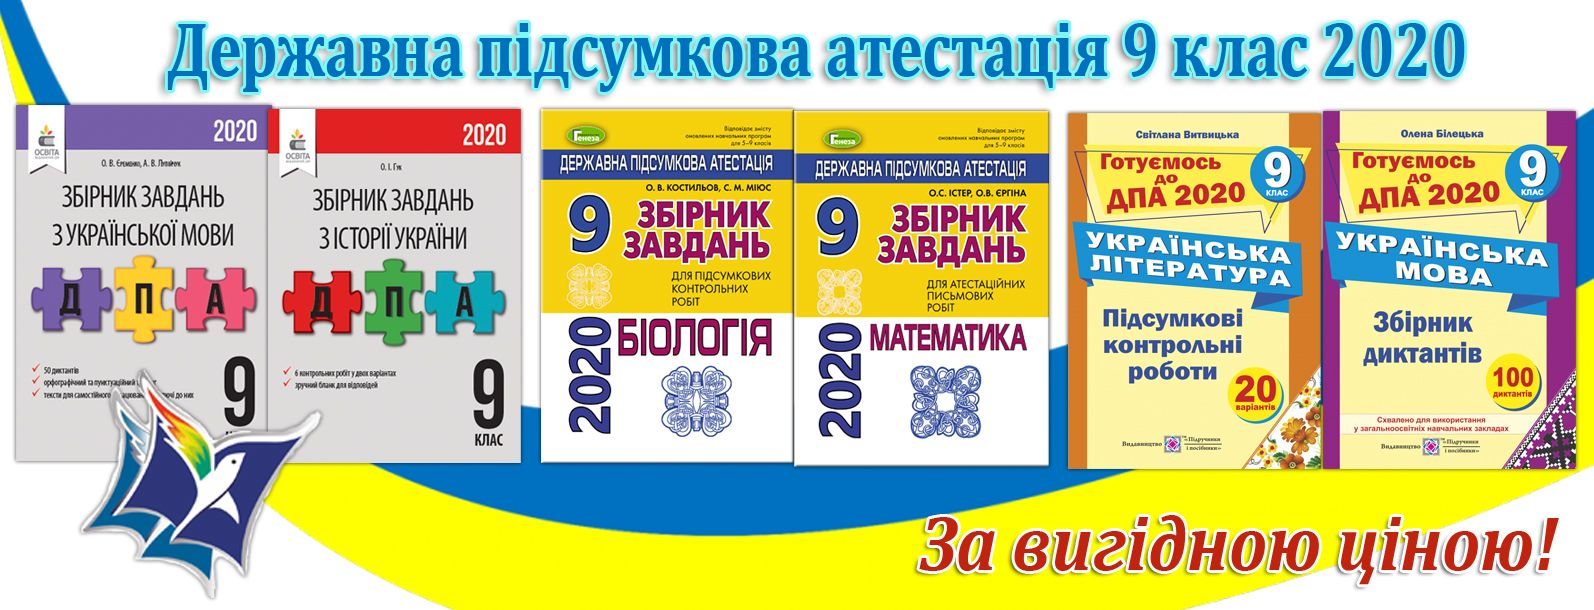 DPA_2020_9klas